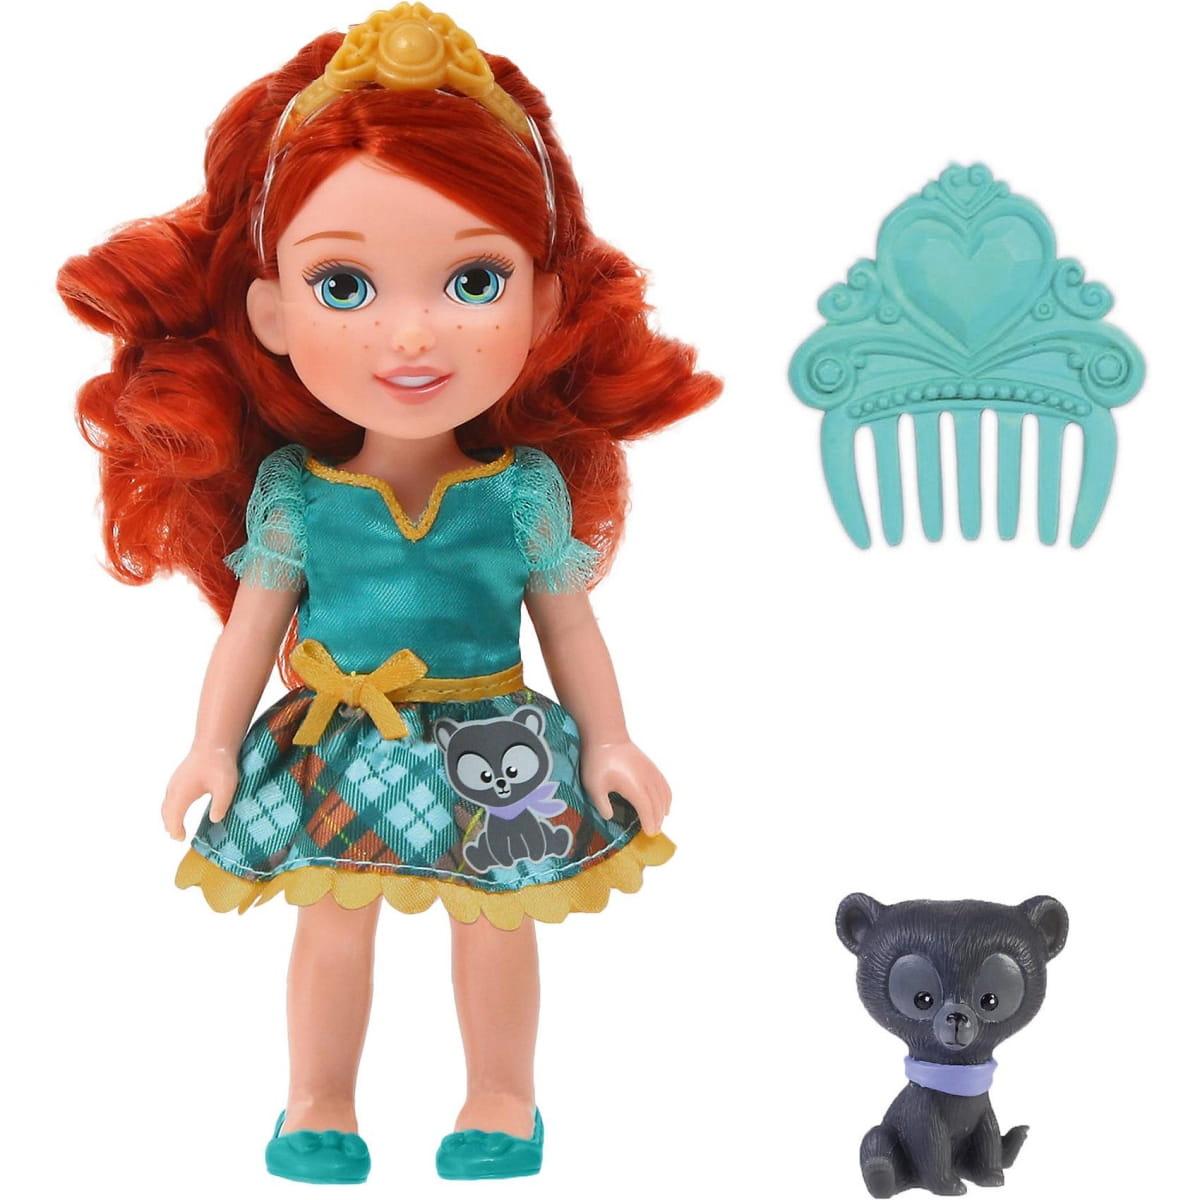 Кукла Disney Princess 756800 Принцессы Дисней Малышка Мерида с питомцем - 15 см